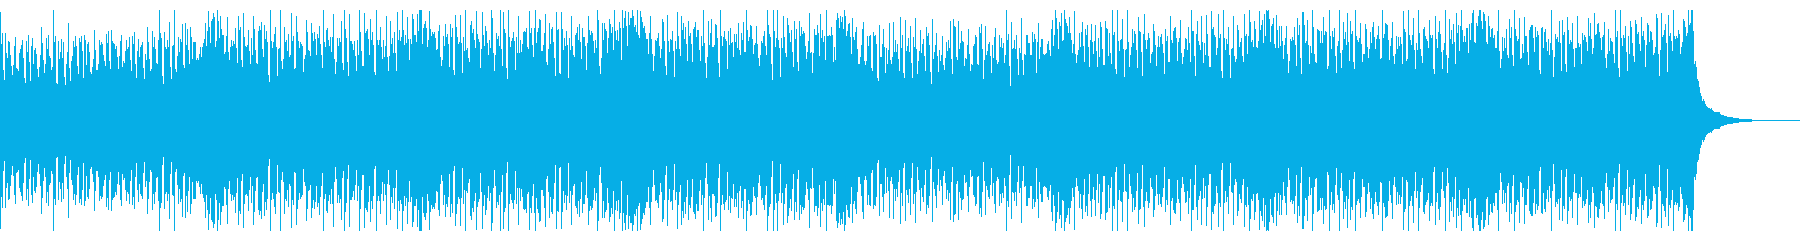 夏を感じる洋楽系トロピカルハウスの再生済みの波形